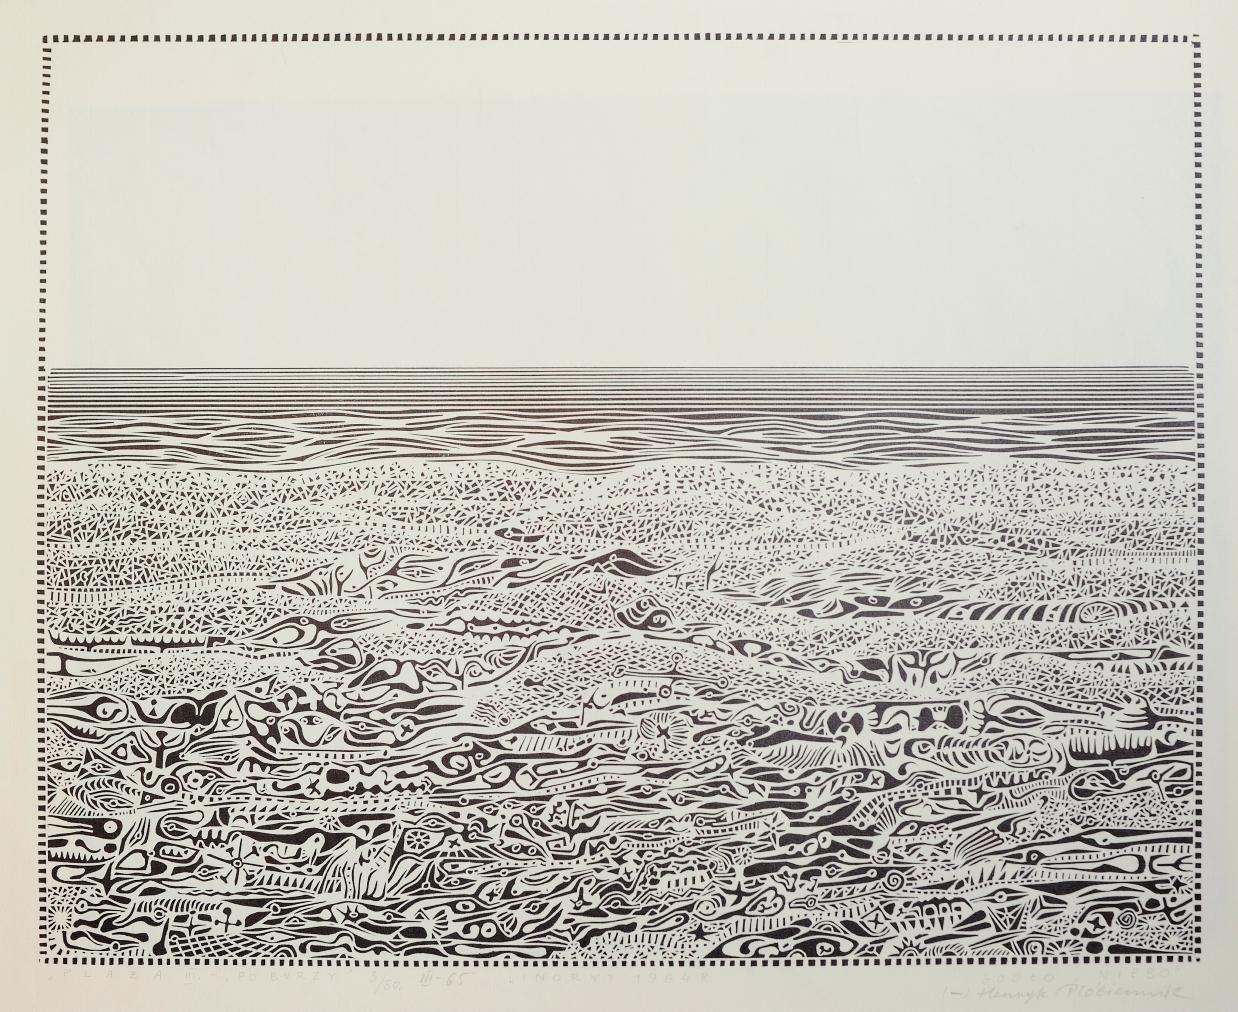 Piękno i tajemniczość morza. Wystawa grafik marynistycznych polskich i fińskich artystów